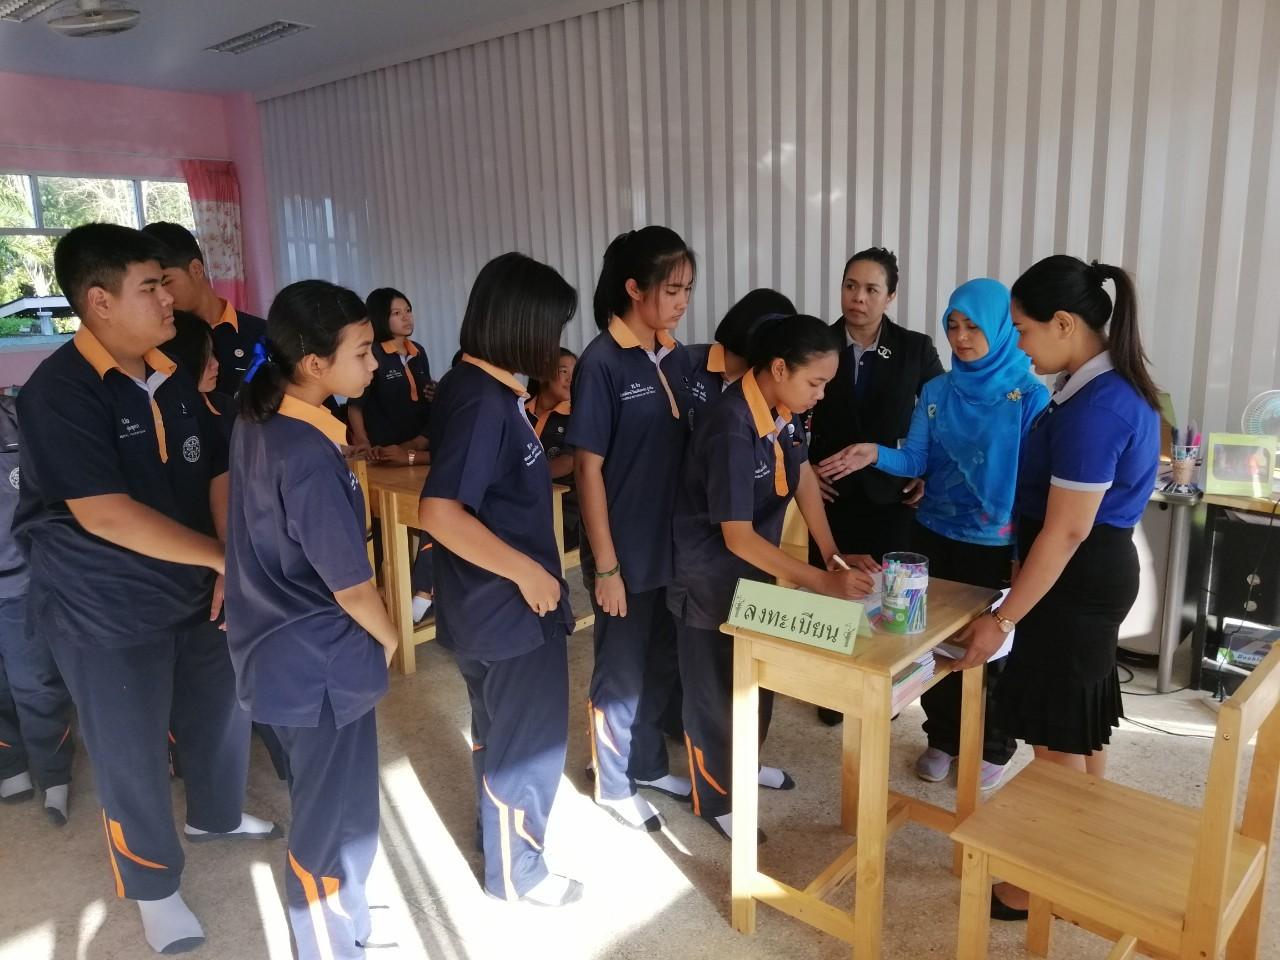 กิจกรรมแนะแนวอาชีพให้นักเรียน นักศึกษา ประจำปีง พ.ศ.2563 ครั้งที่2/2563